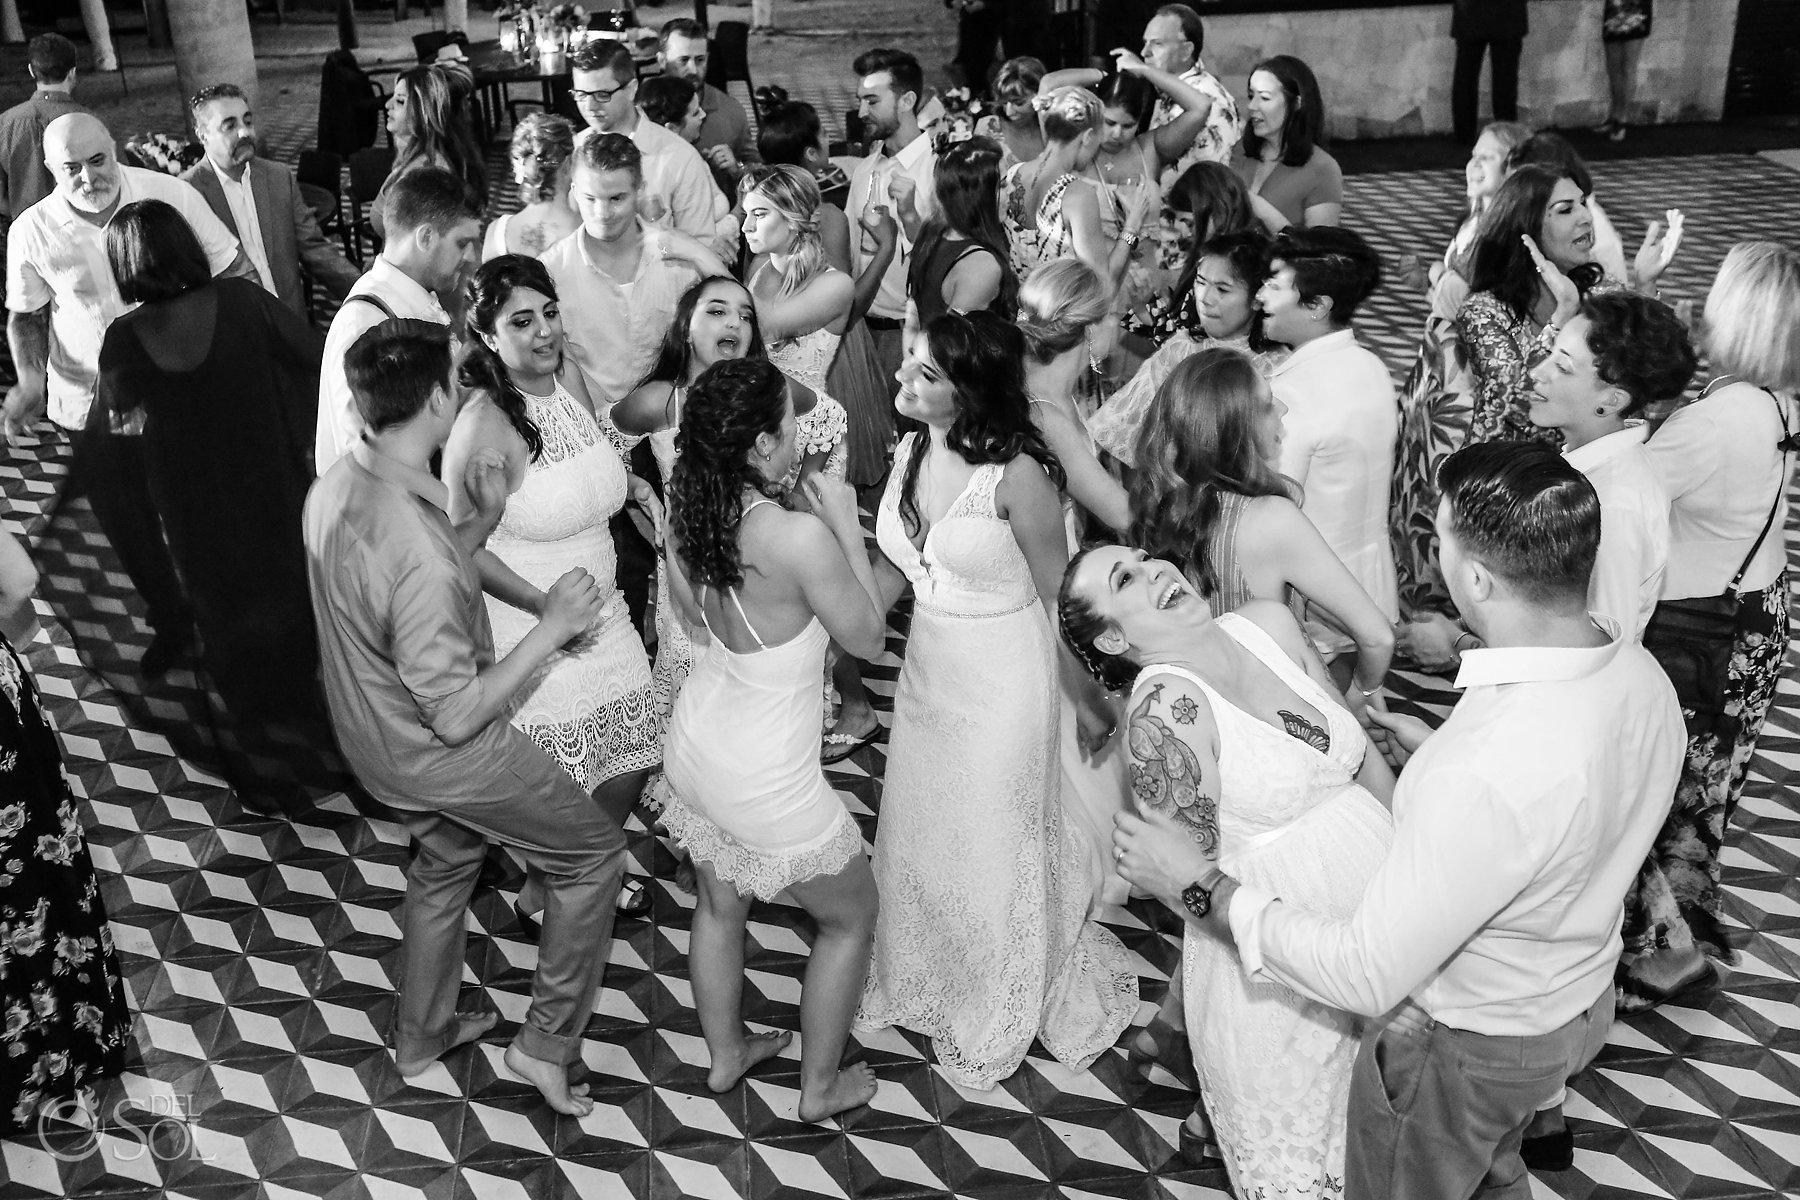 Queer Brides Wedding reception party at Isla Mujeres Zama Beach